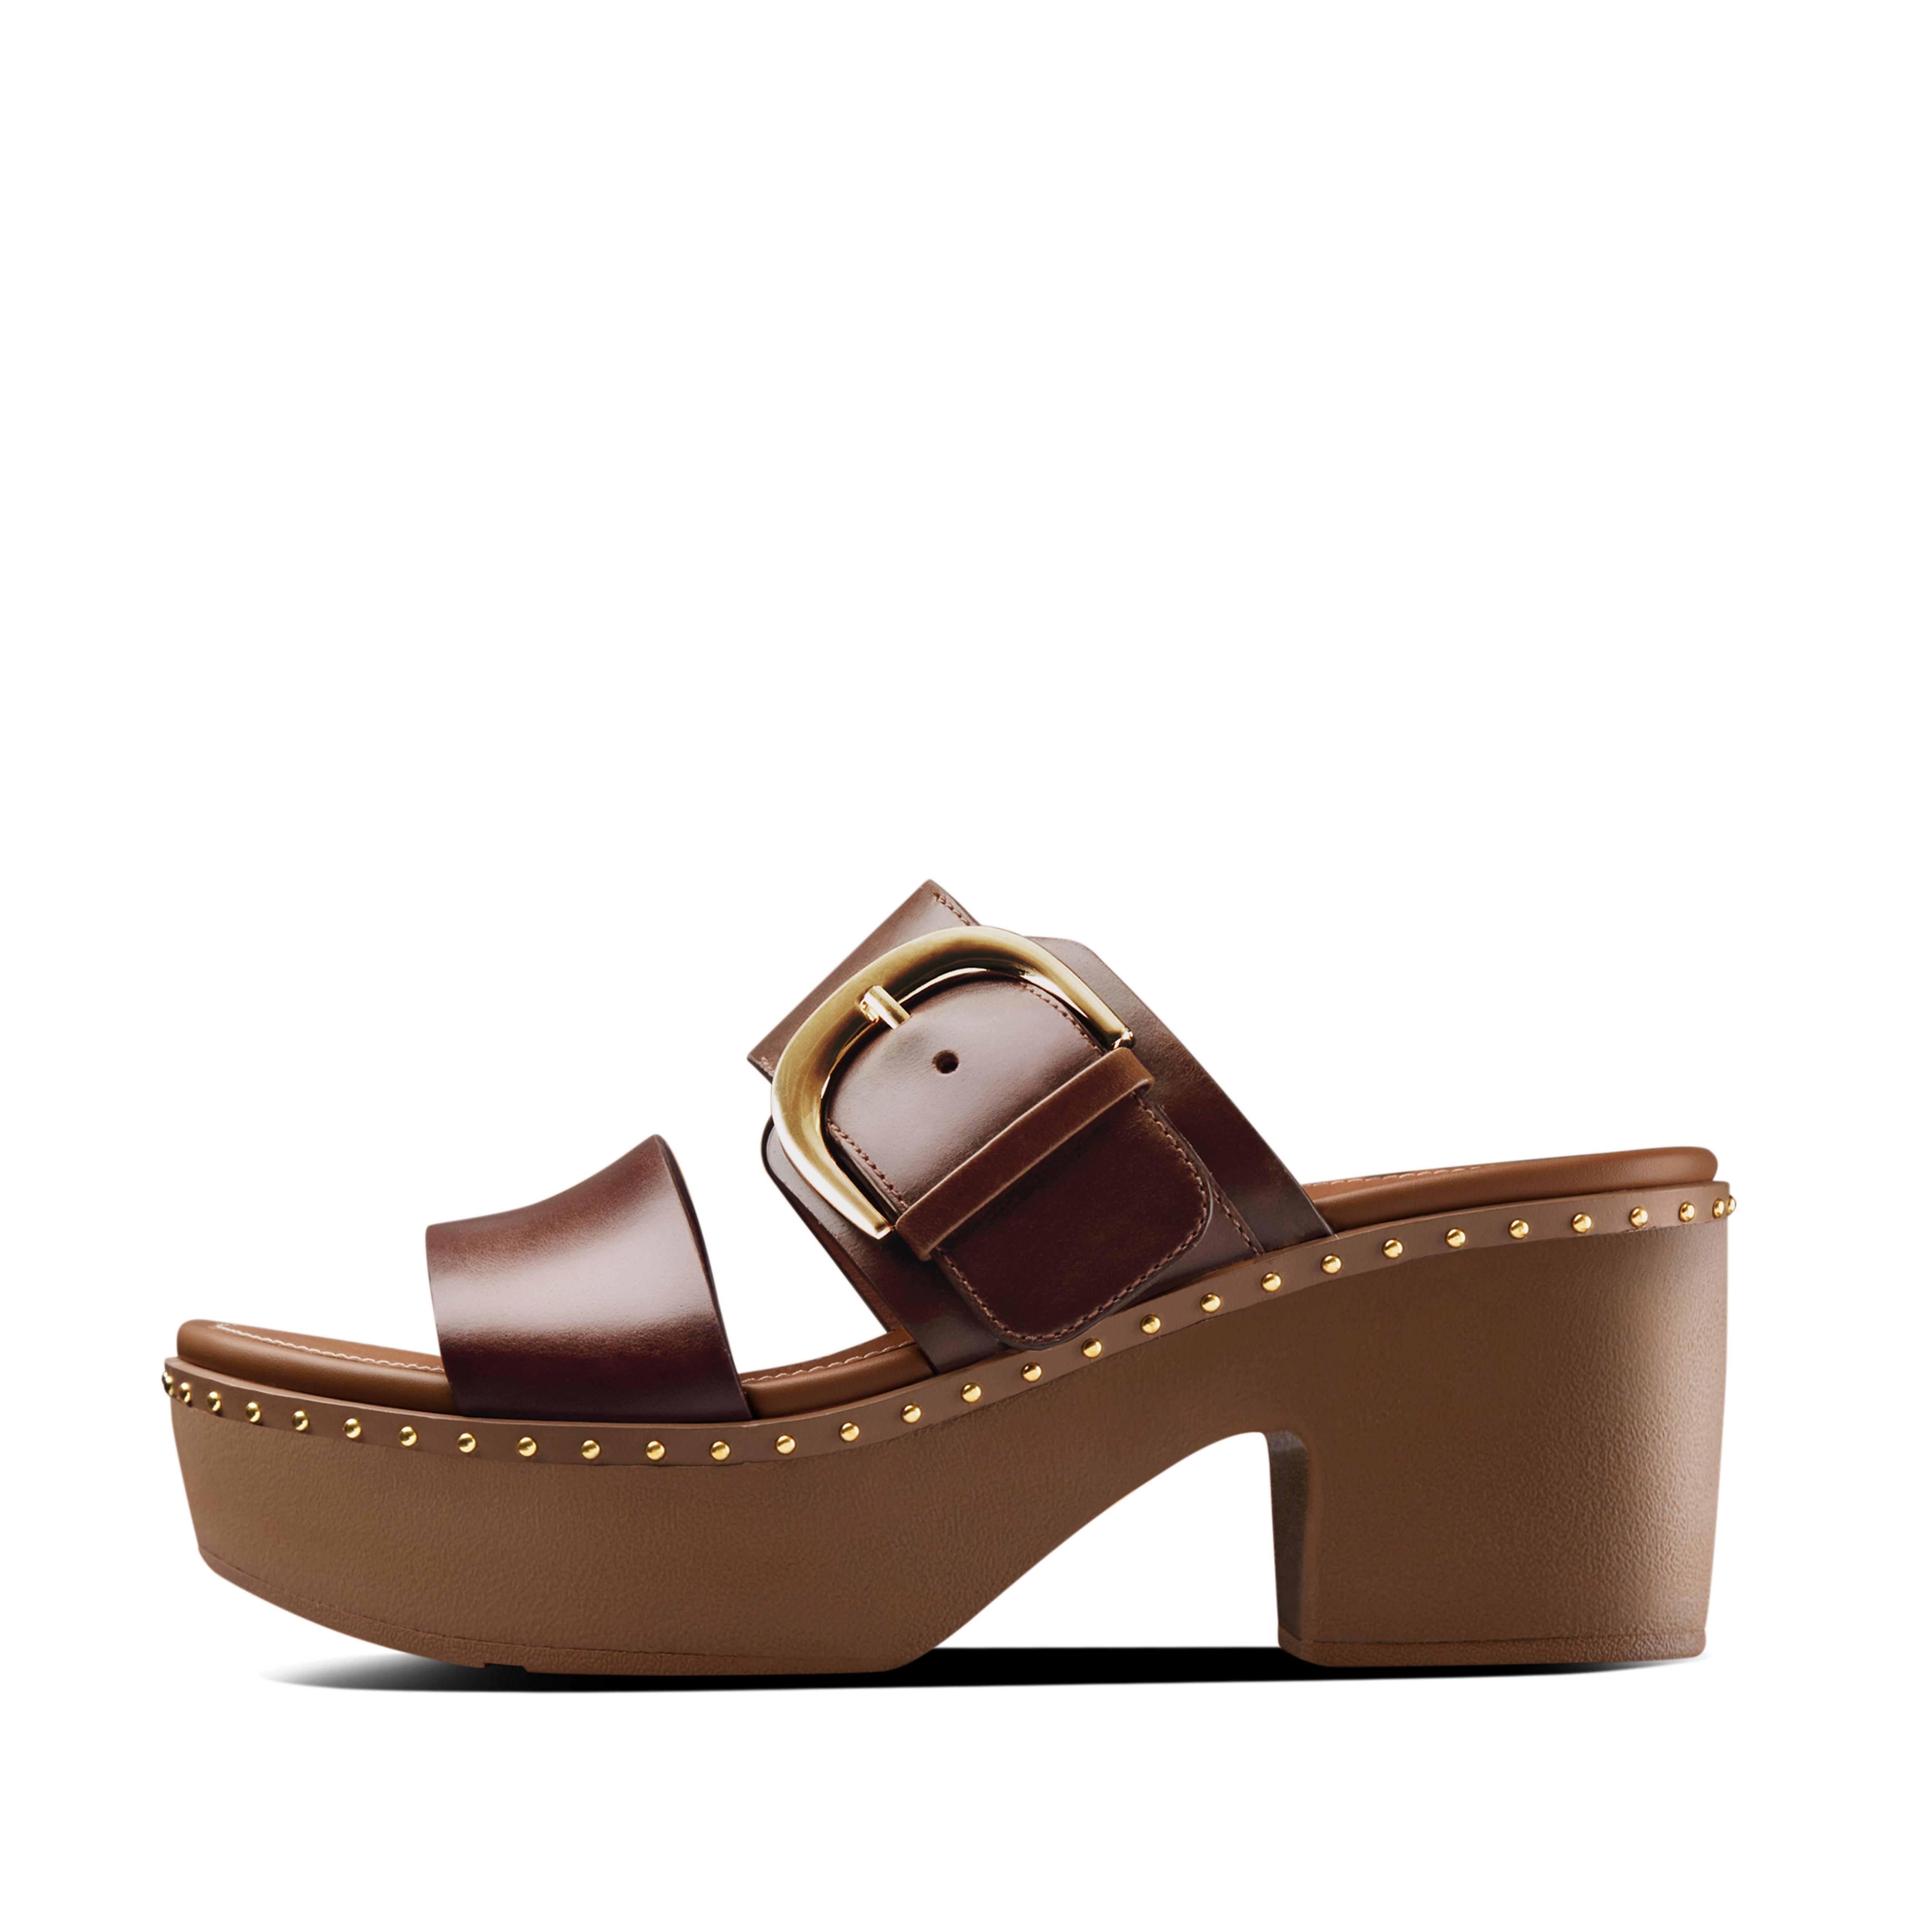 핏플랍 필라 플랫폼 슬라이드 FitFlop PILAR Leather Slide Platforms,Chocolate Brown